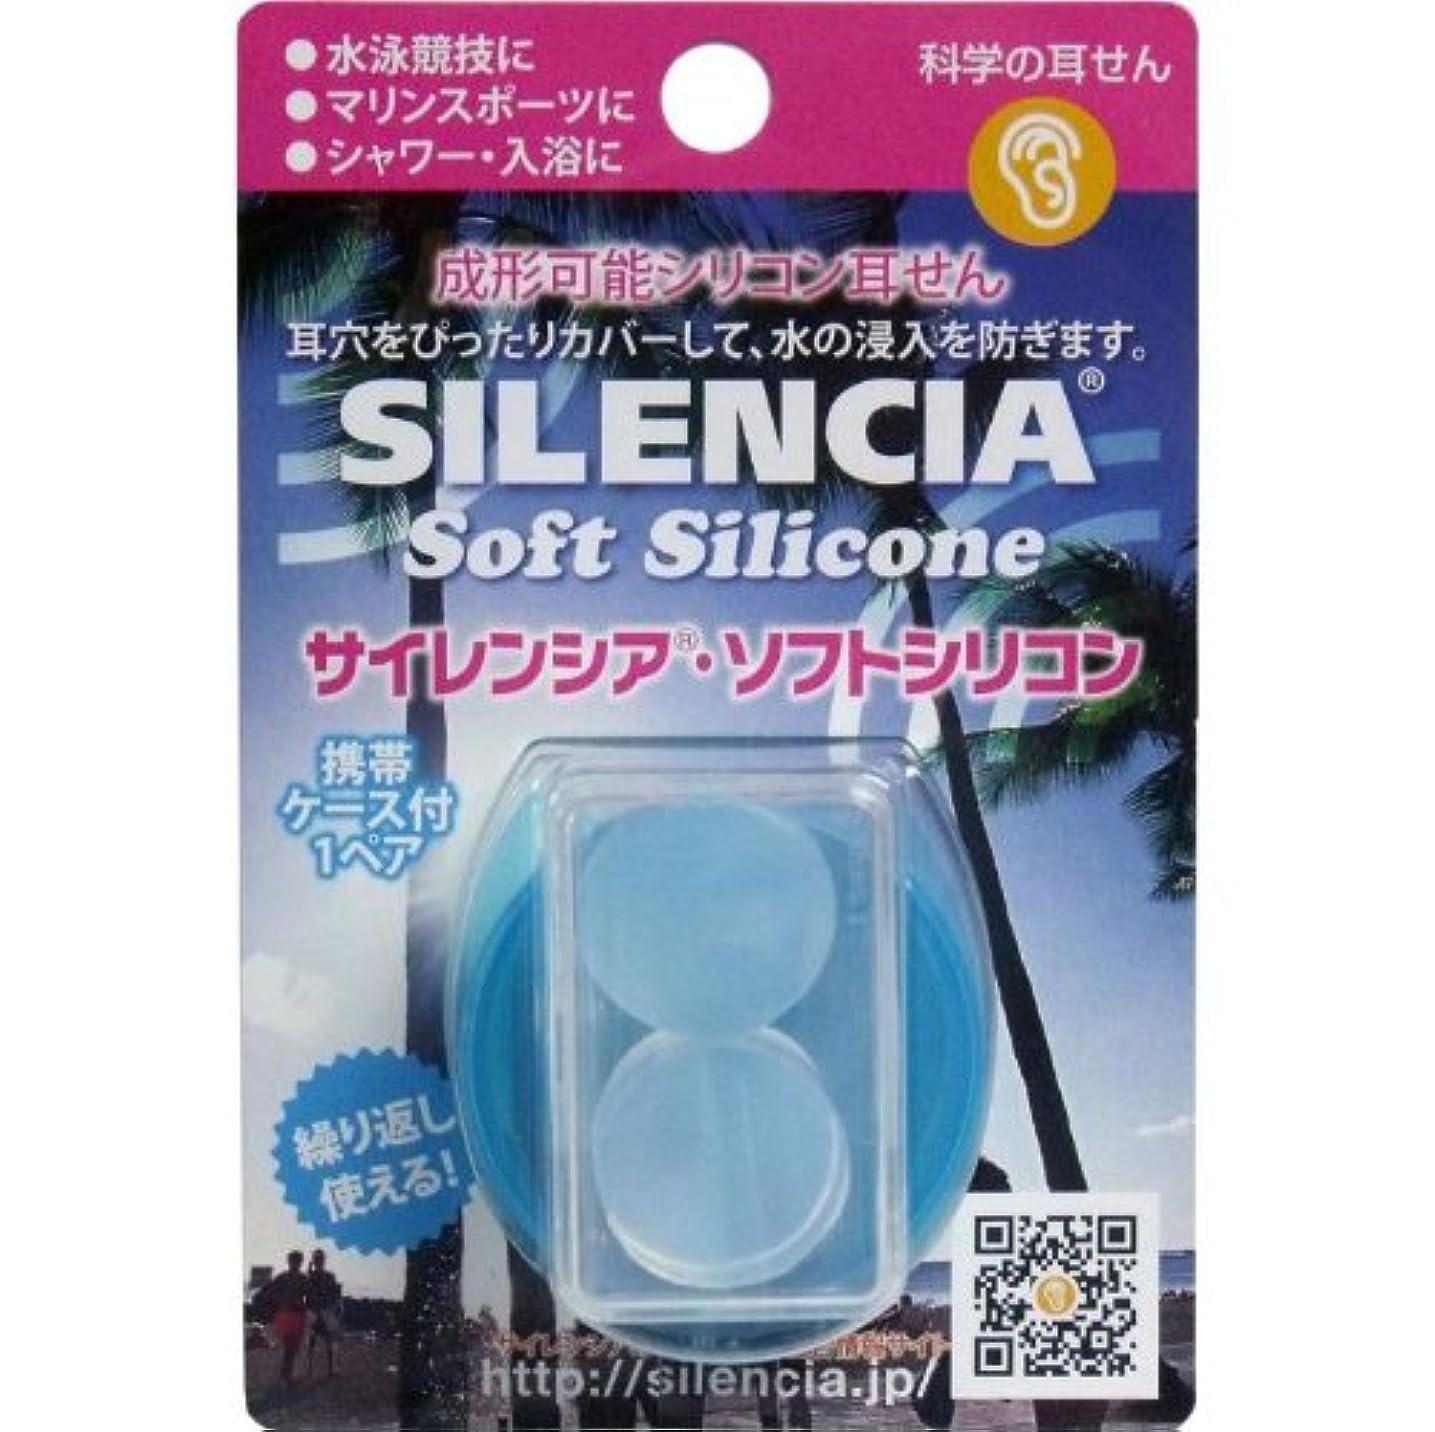 サイドボード時々織るサイレンシア ソフトシリコン 携帯ケース付1ペア入